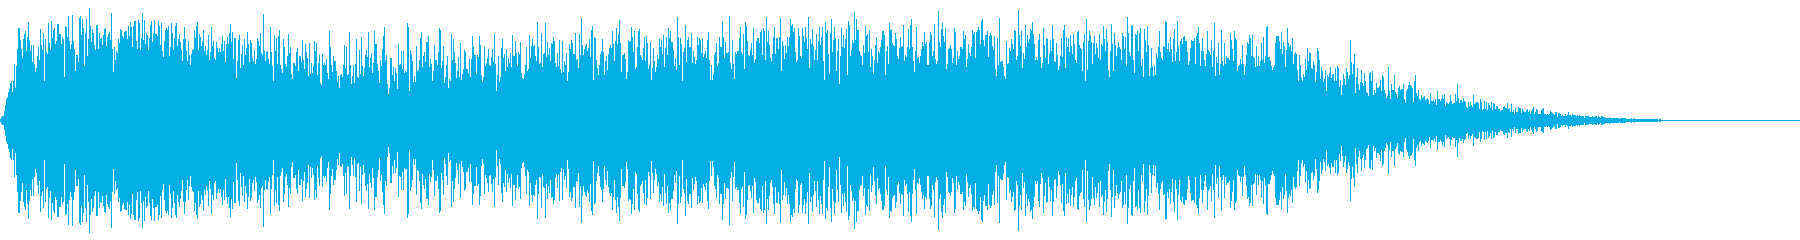 SynthSweep EC03_36_5の再生済みの波形